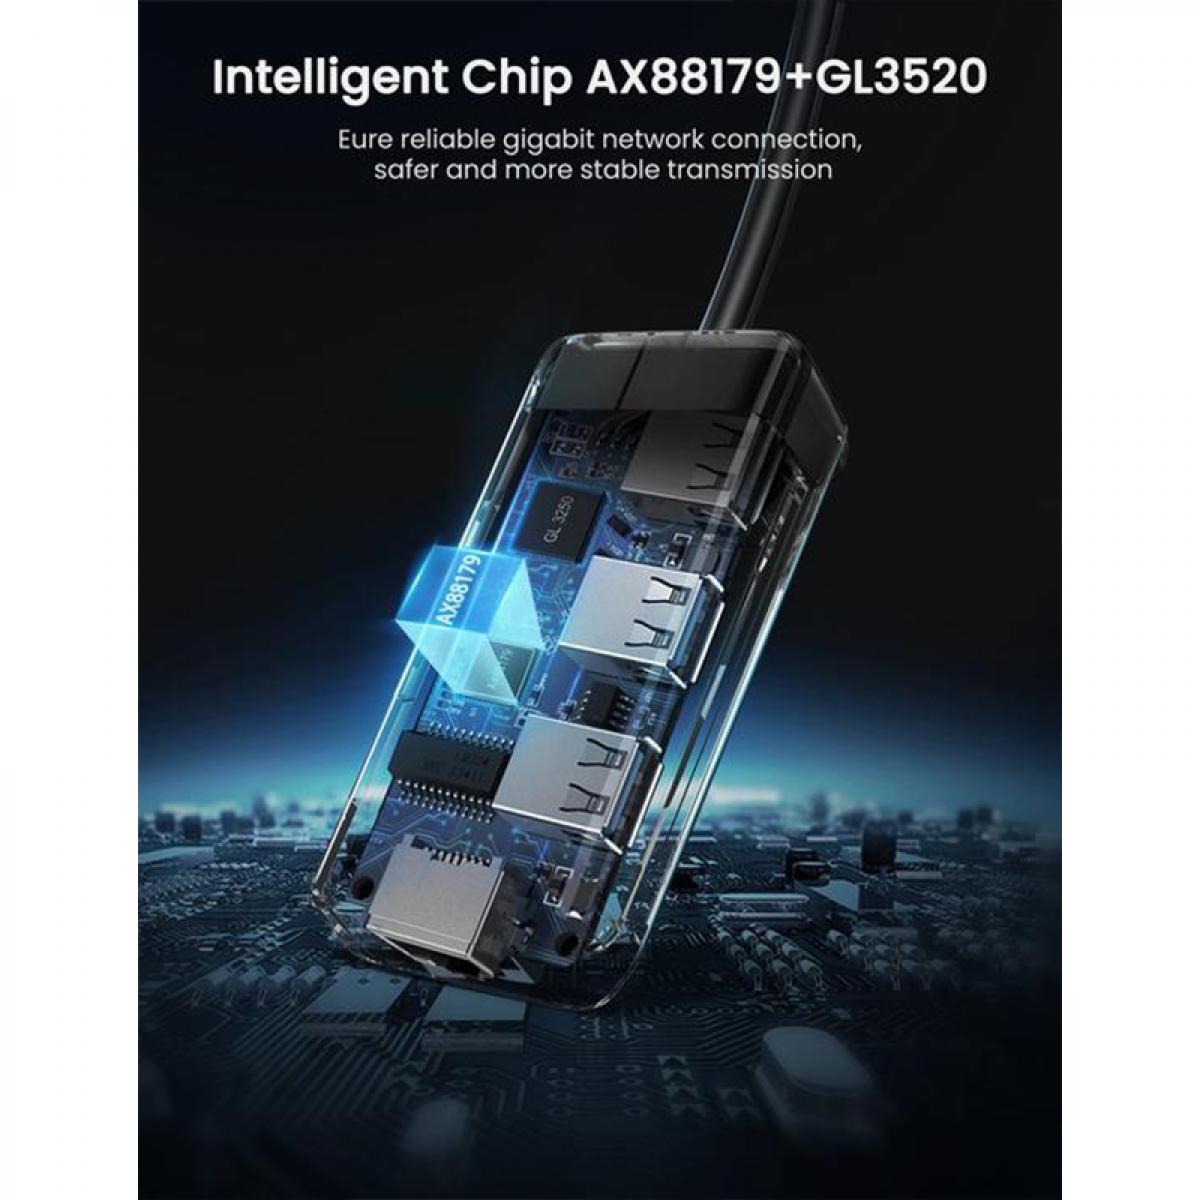 هاب 4 پورت USB یوگرین UGREEN مدل 20265